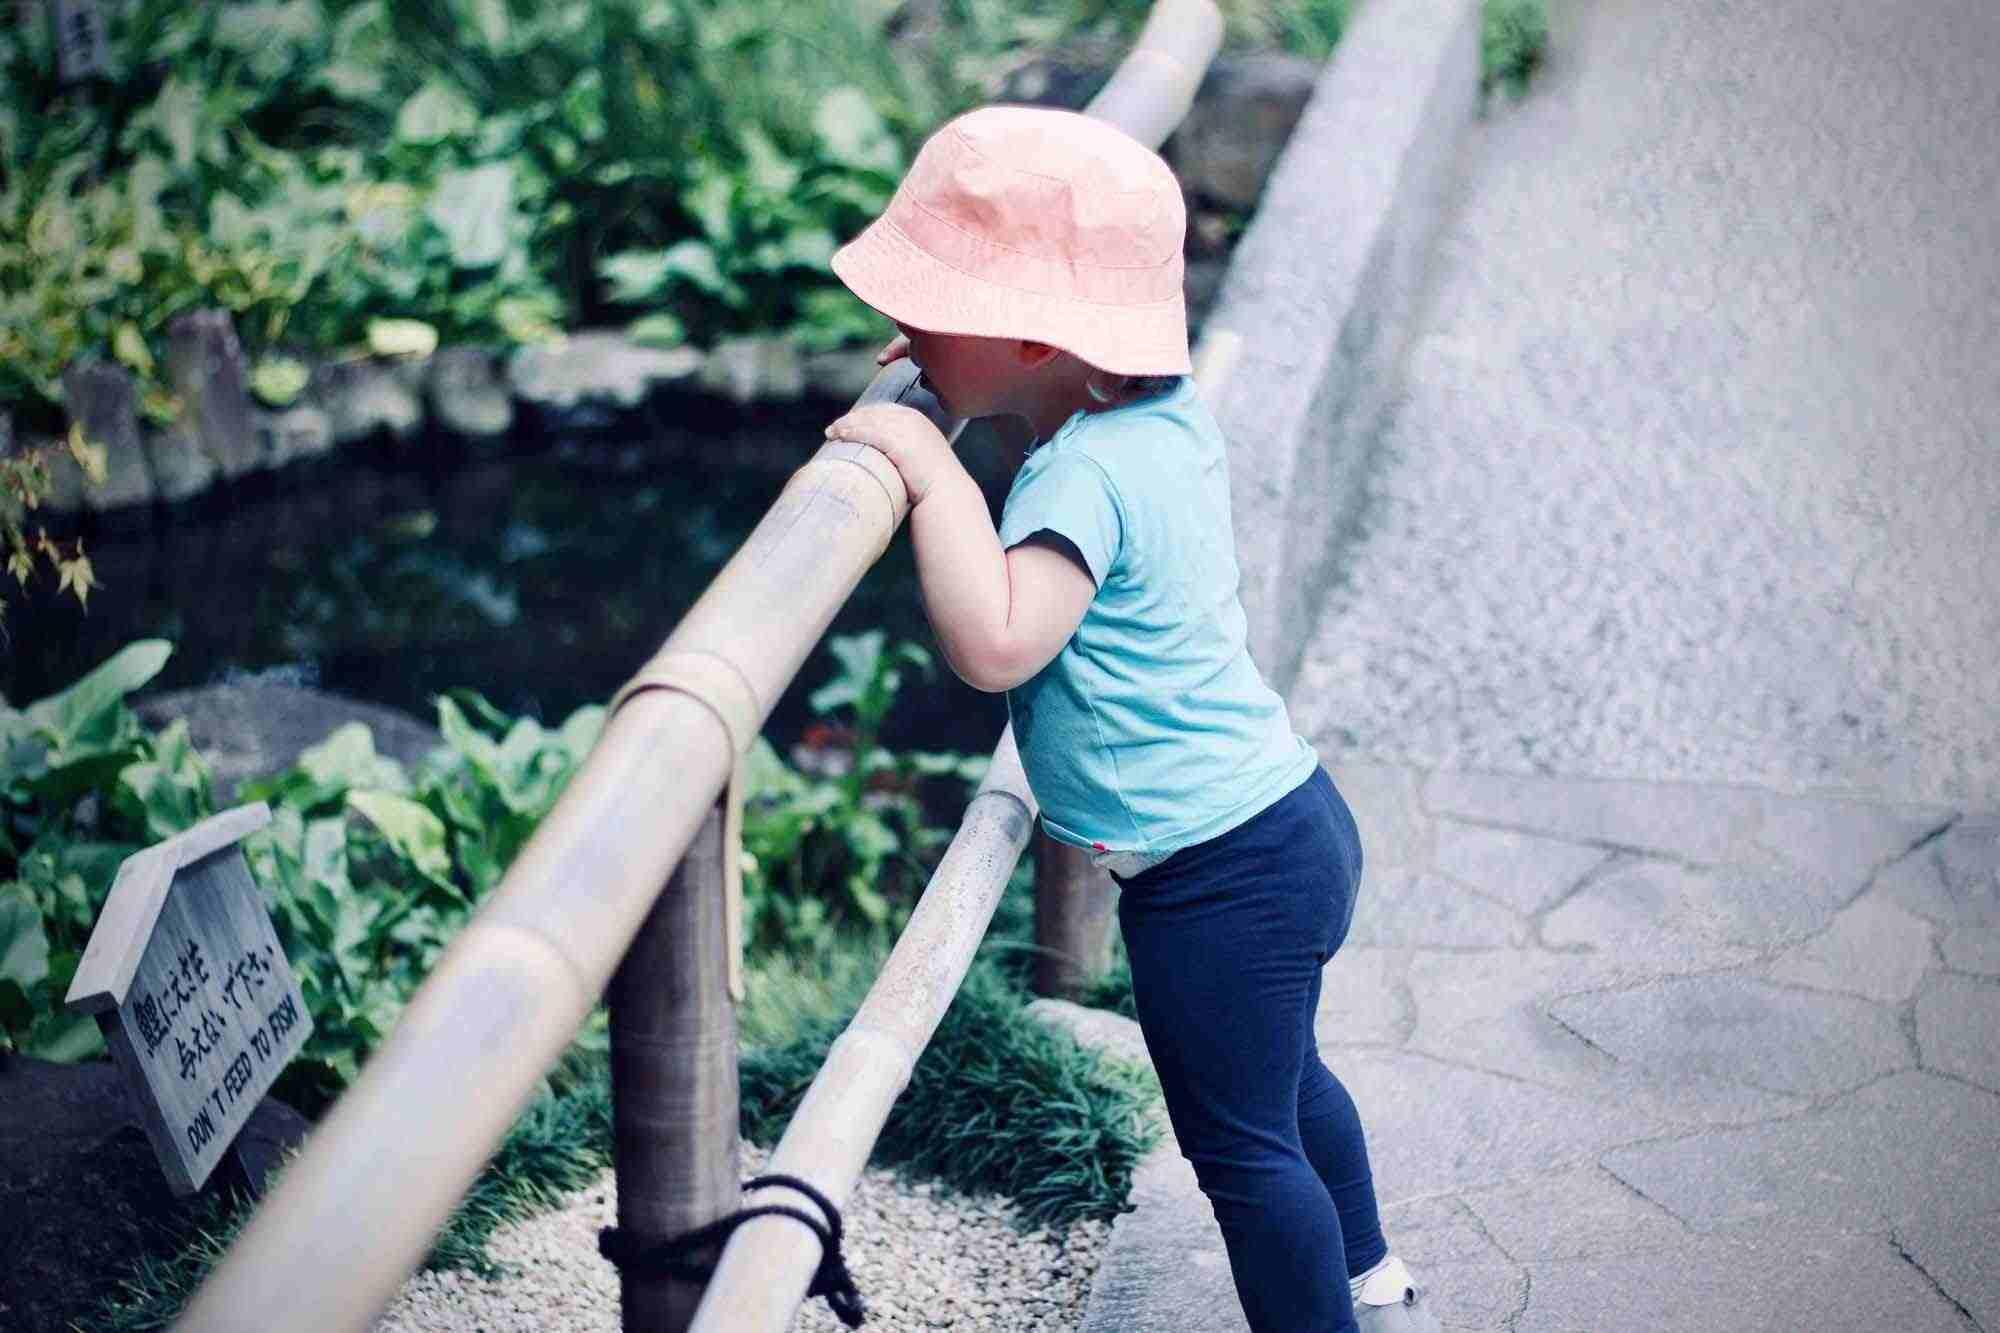 Cyclosas - promenade nature enfant activité écologie sensibilisation (1)